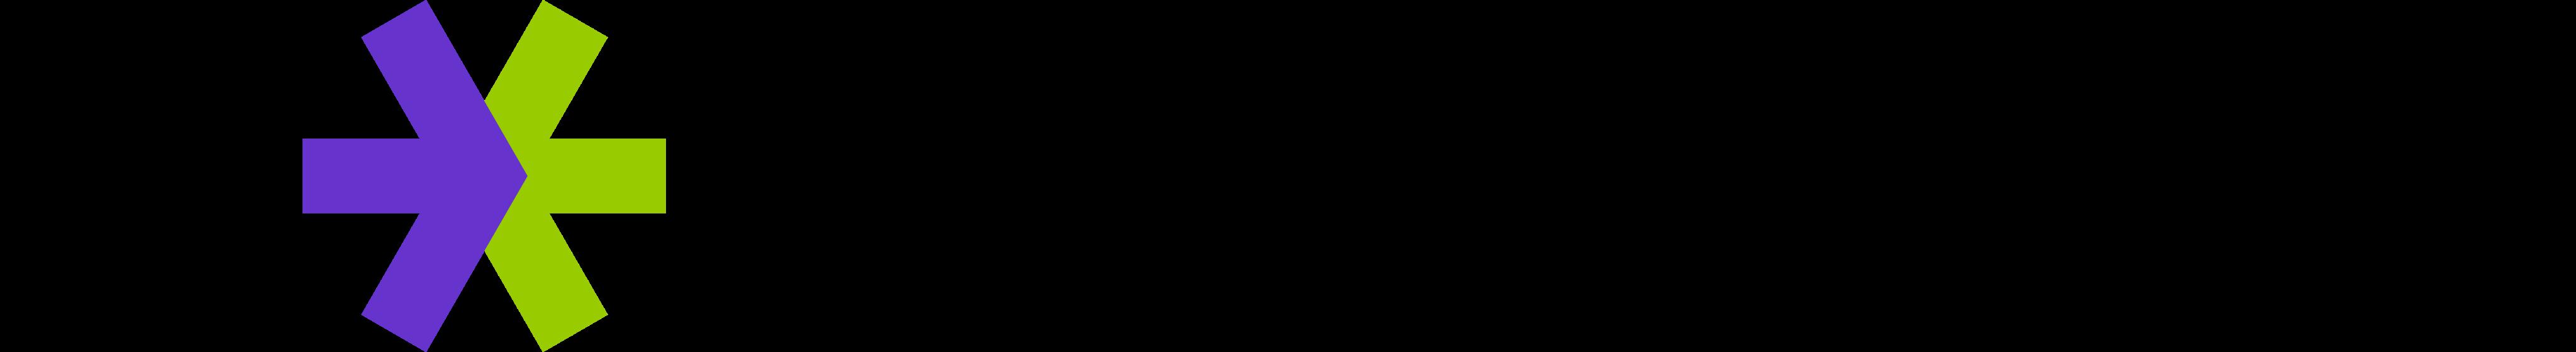 E*TRADE Logo.